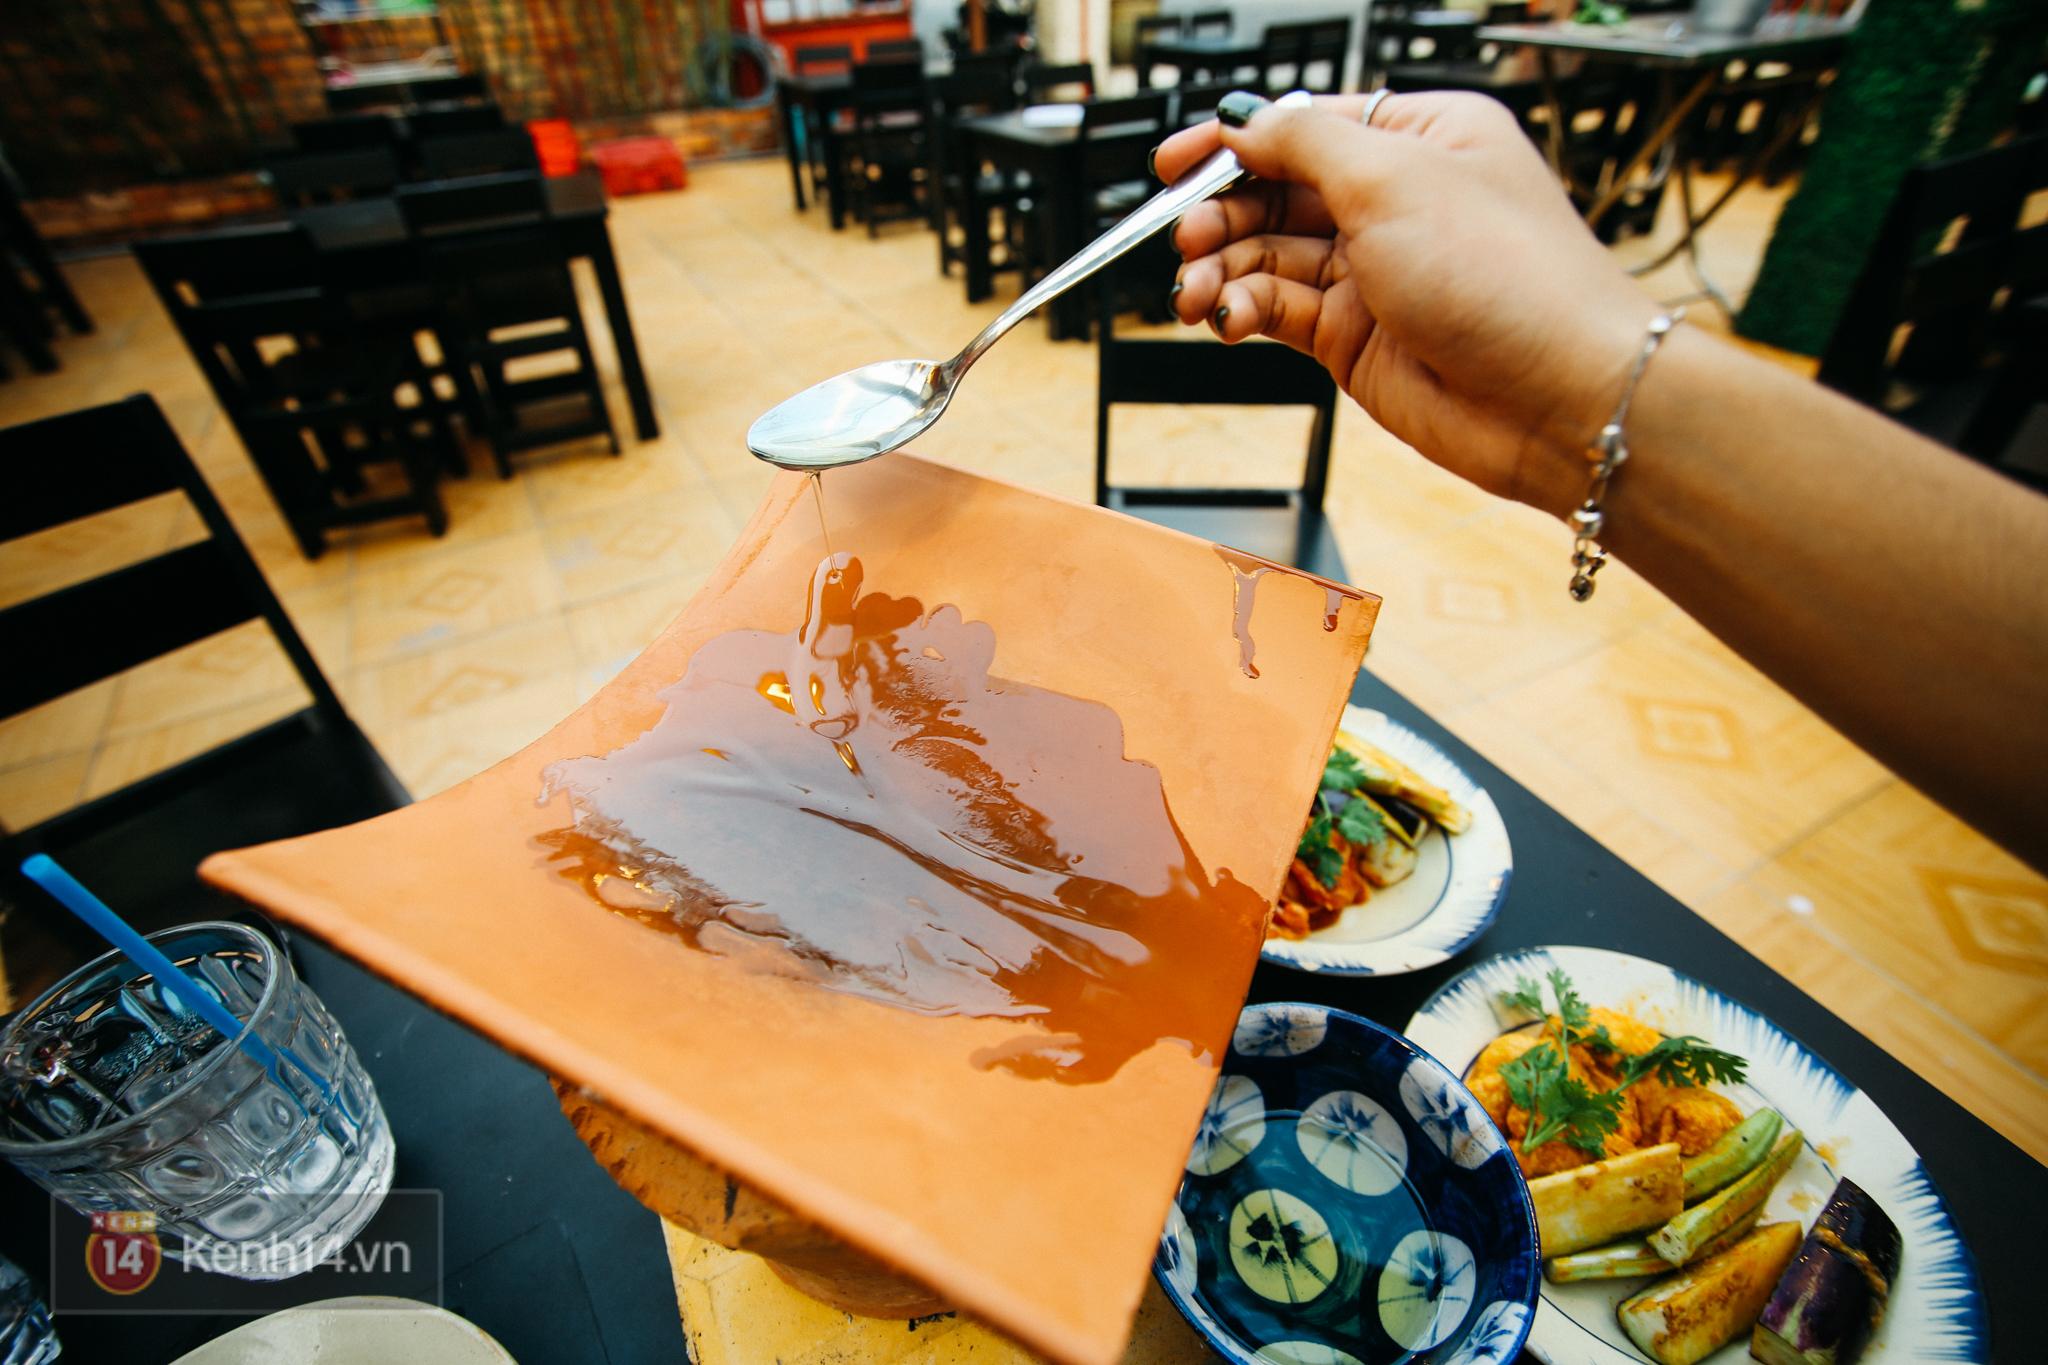 Bạn sẽ phải chảy nước miếng với 3 quán nướng siêu lạ này ở Sài Gòn - Ảnh 19.